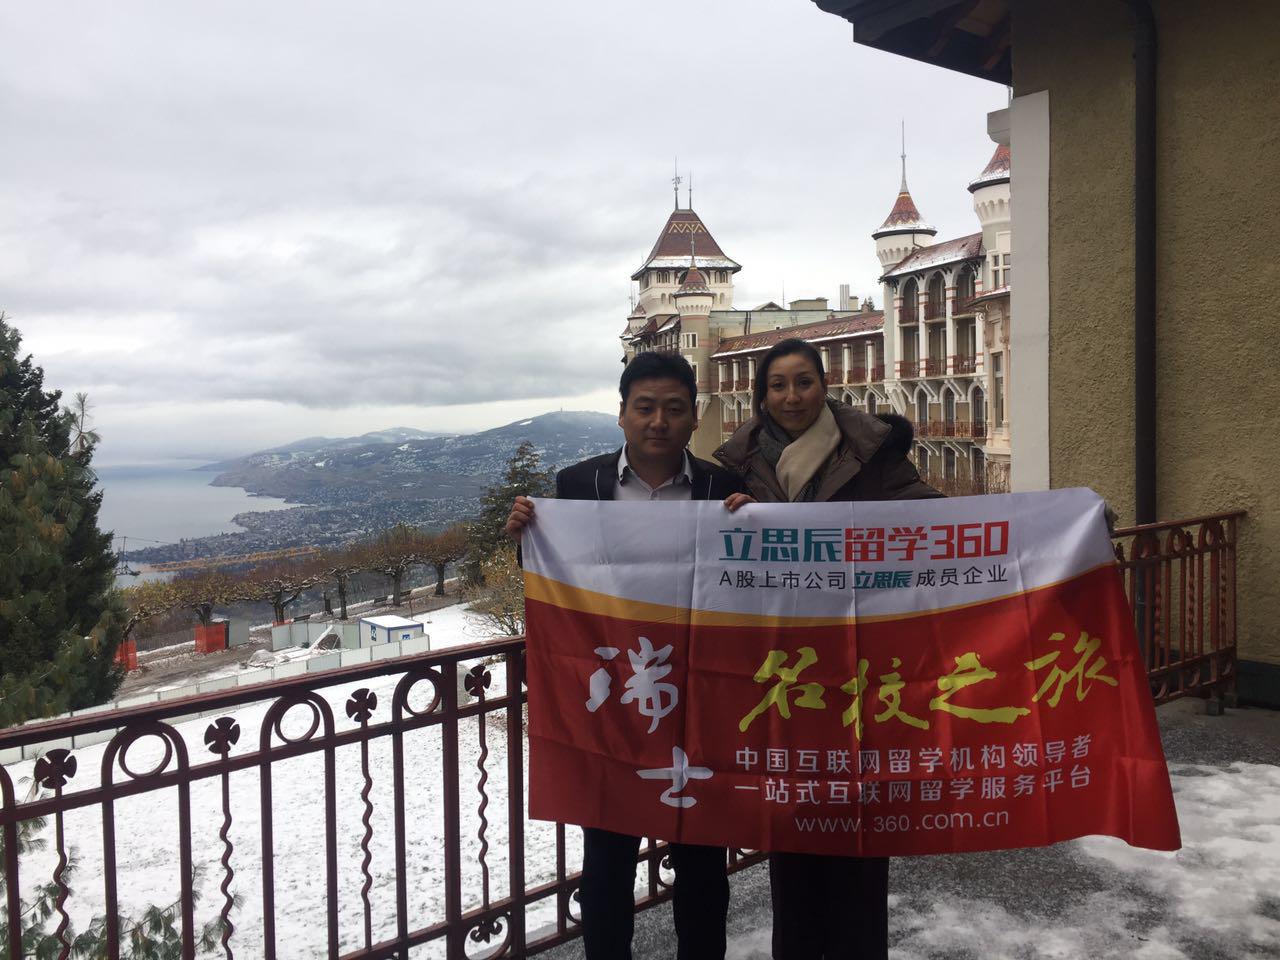 瑞士留学名校之旅第一站――SHMS瑞士酒店管理大学